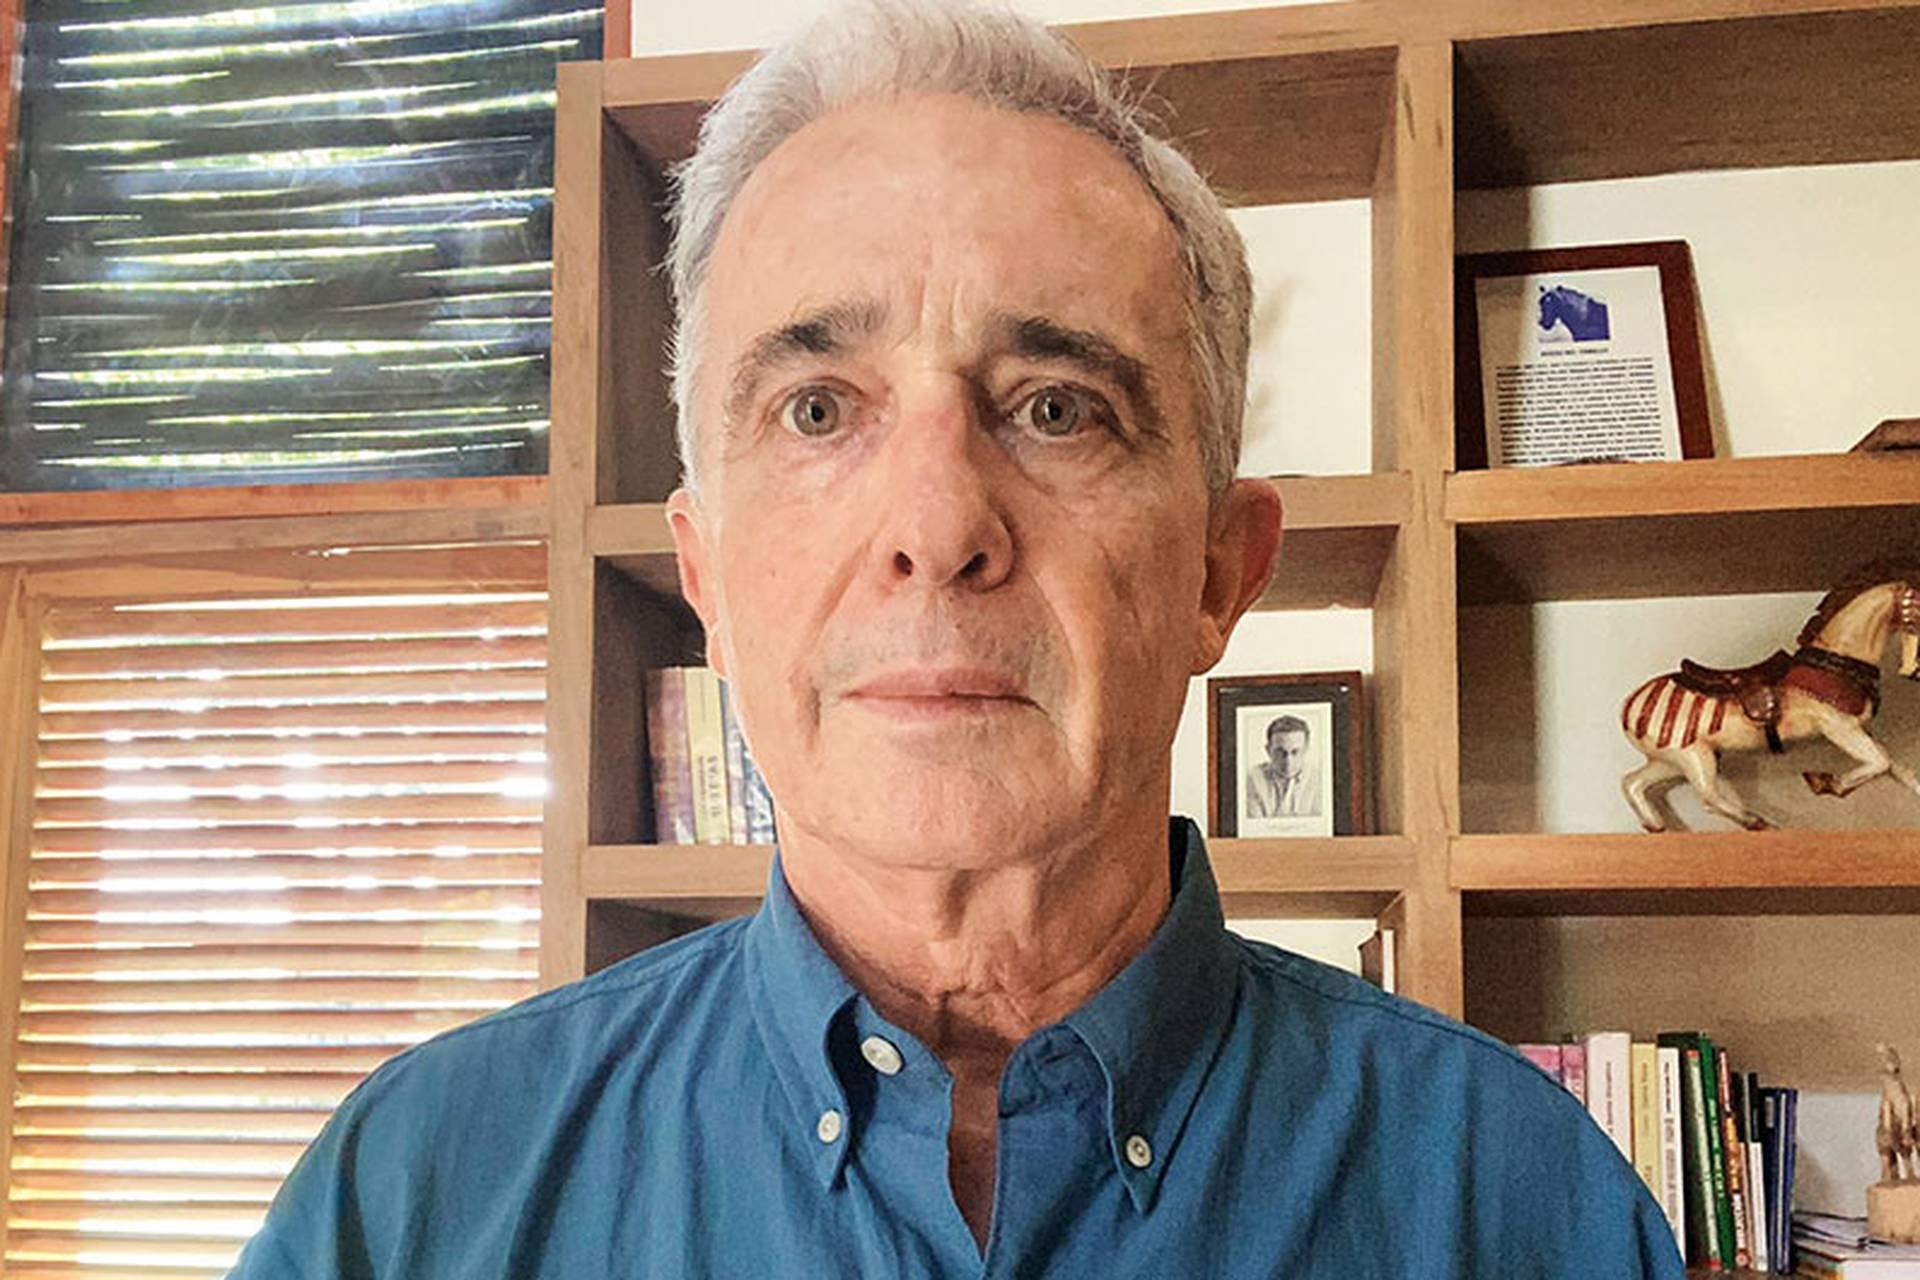 Al contrario de lo que sus seguidores y abogados esperaban, el expresidente Uribe no salió libre tras su primera audiencia en la jurisdicción ordinaria.